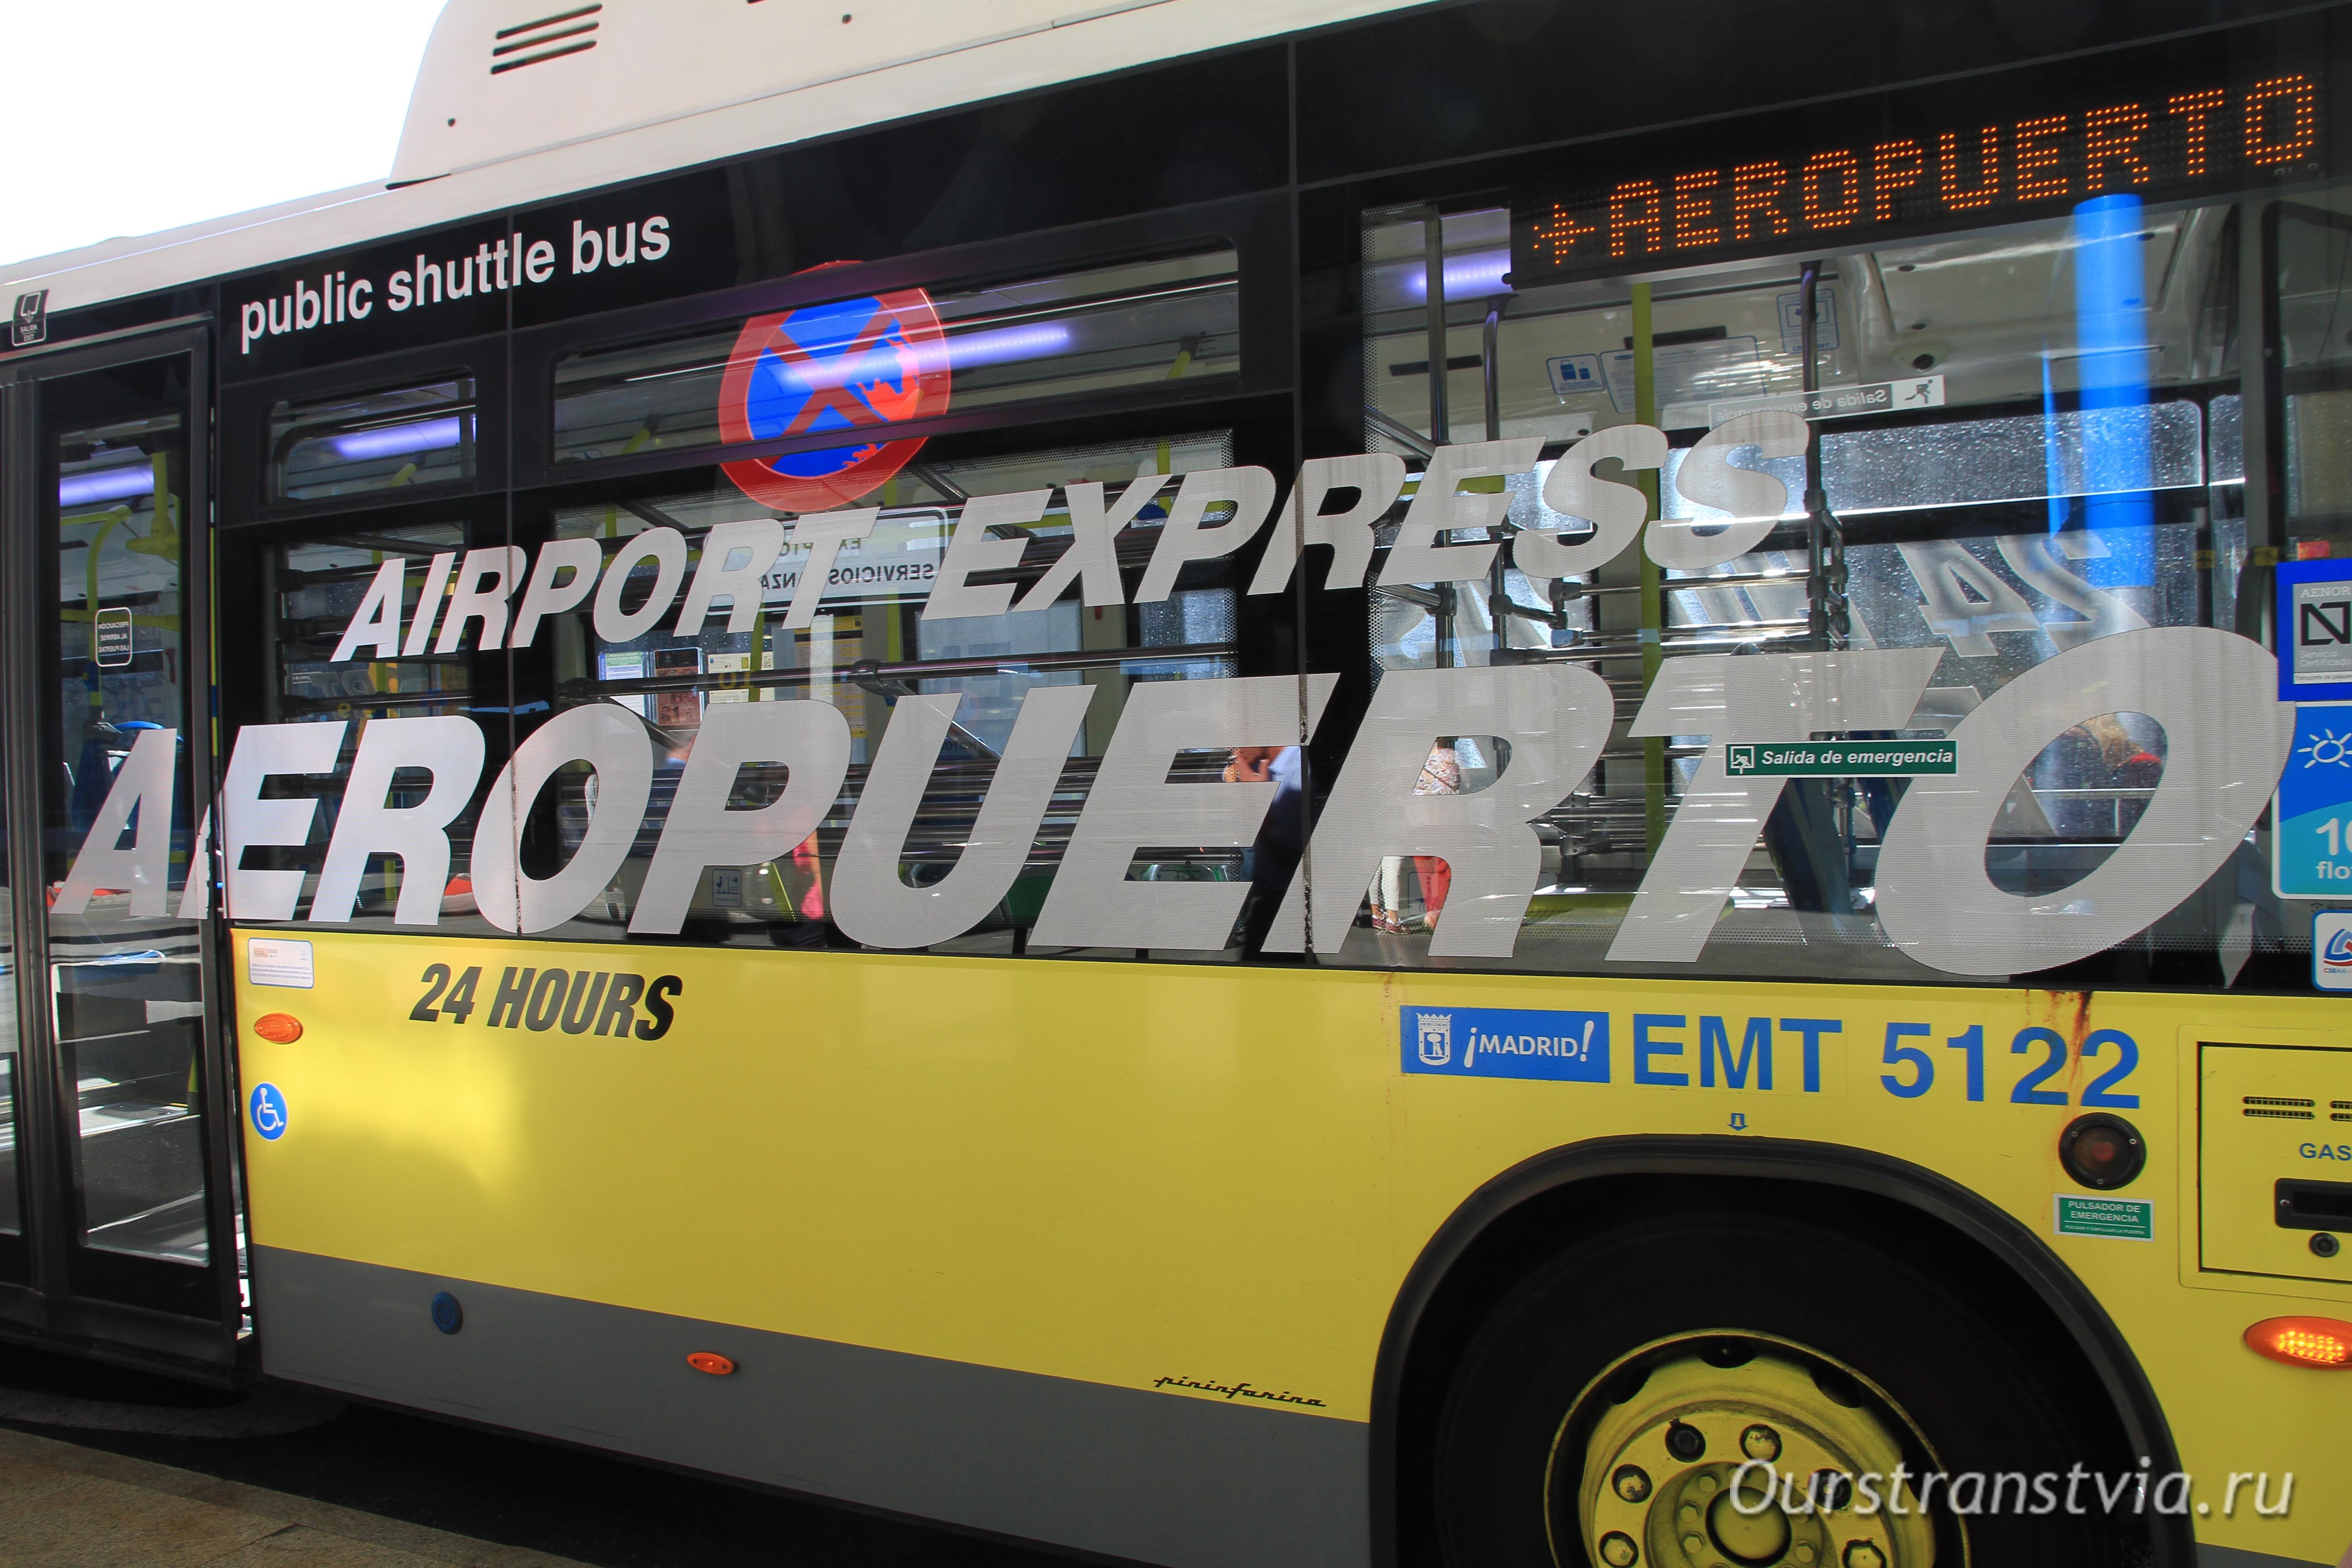 Автобус 203 из аэропорта Барахас в Мадрид